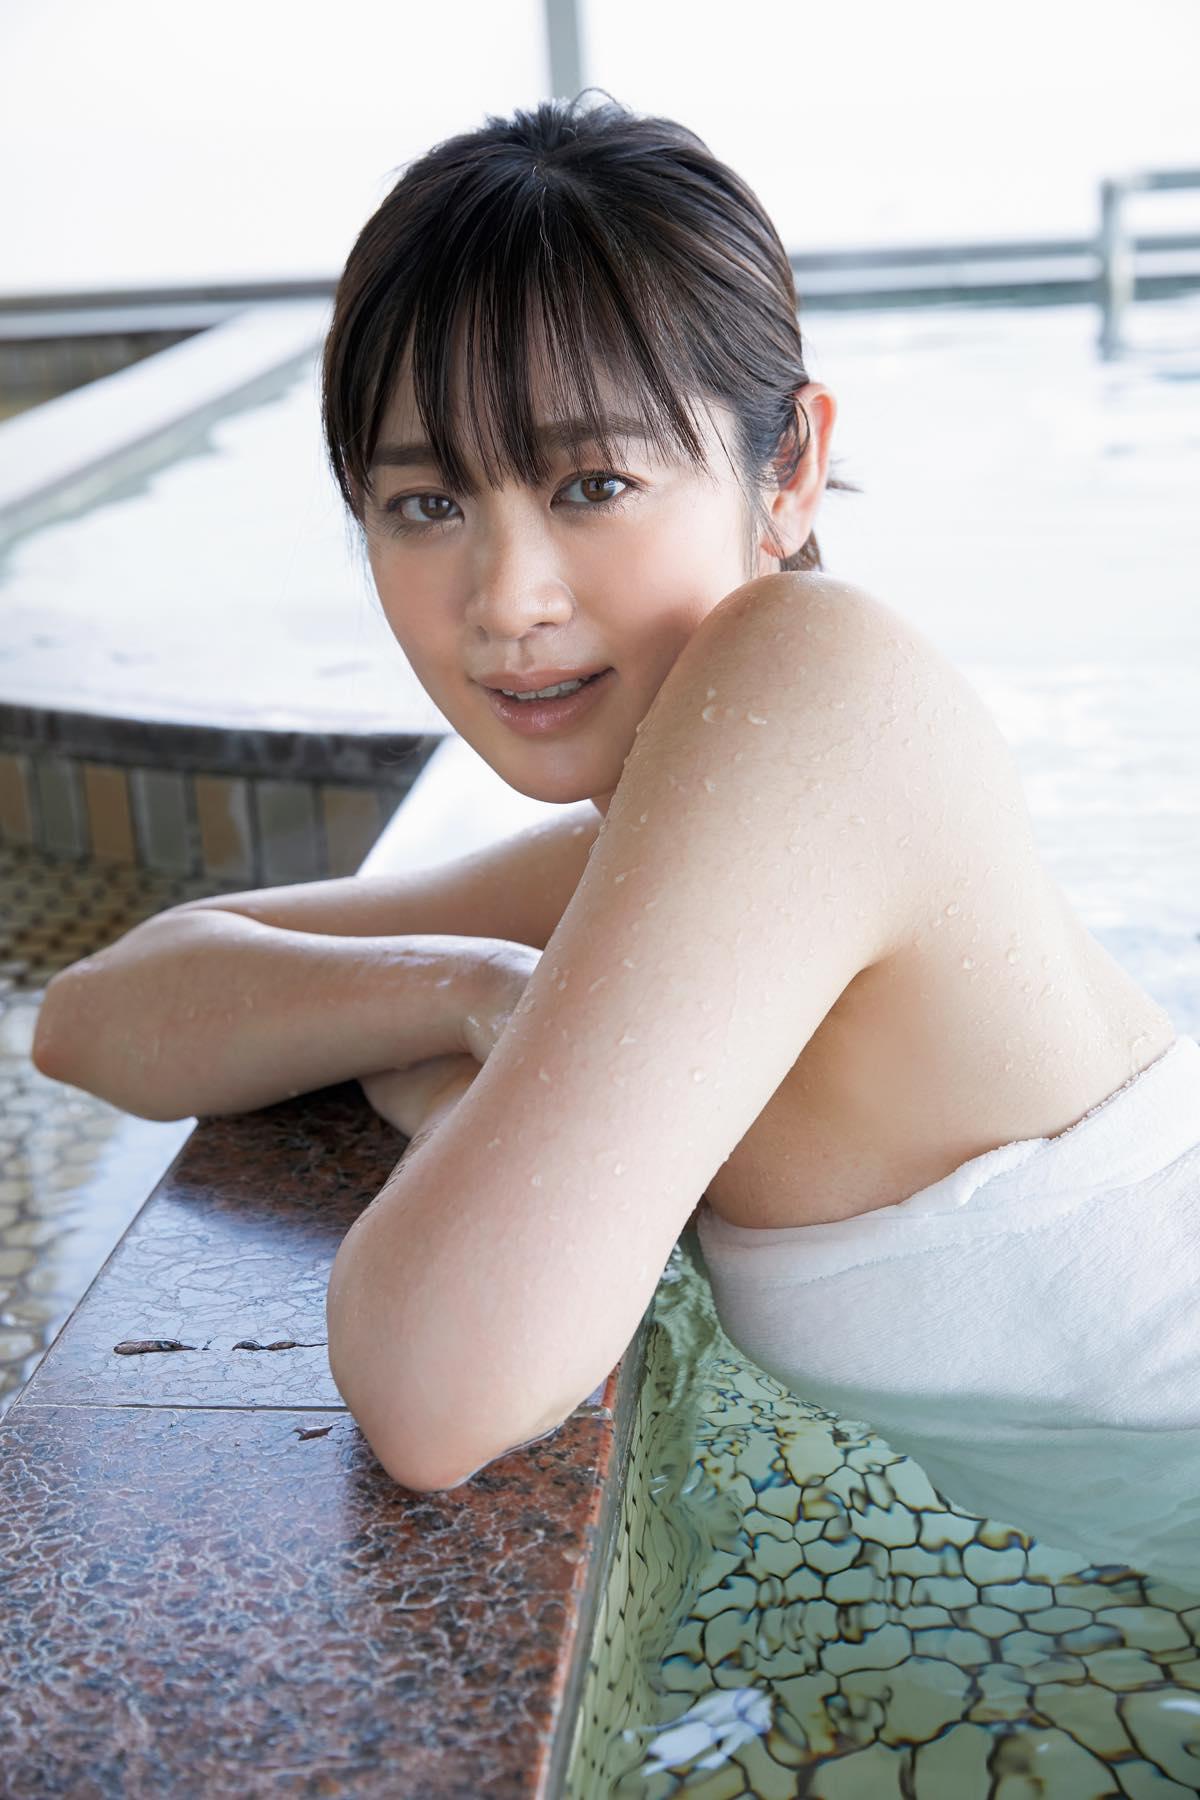 池田裕子「白桃のような美ヒップ」艶っぽい大人の魅力に撃沈!【画像12枚】の画像008